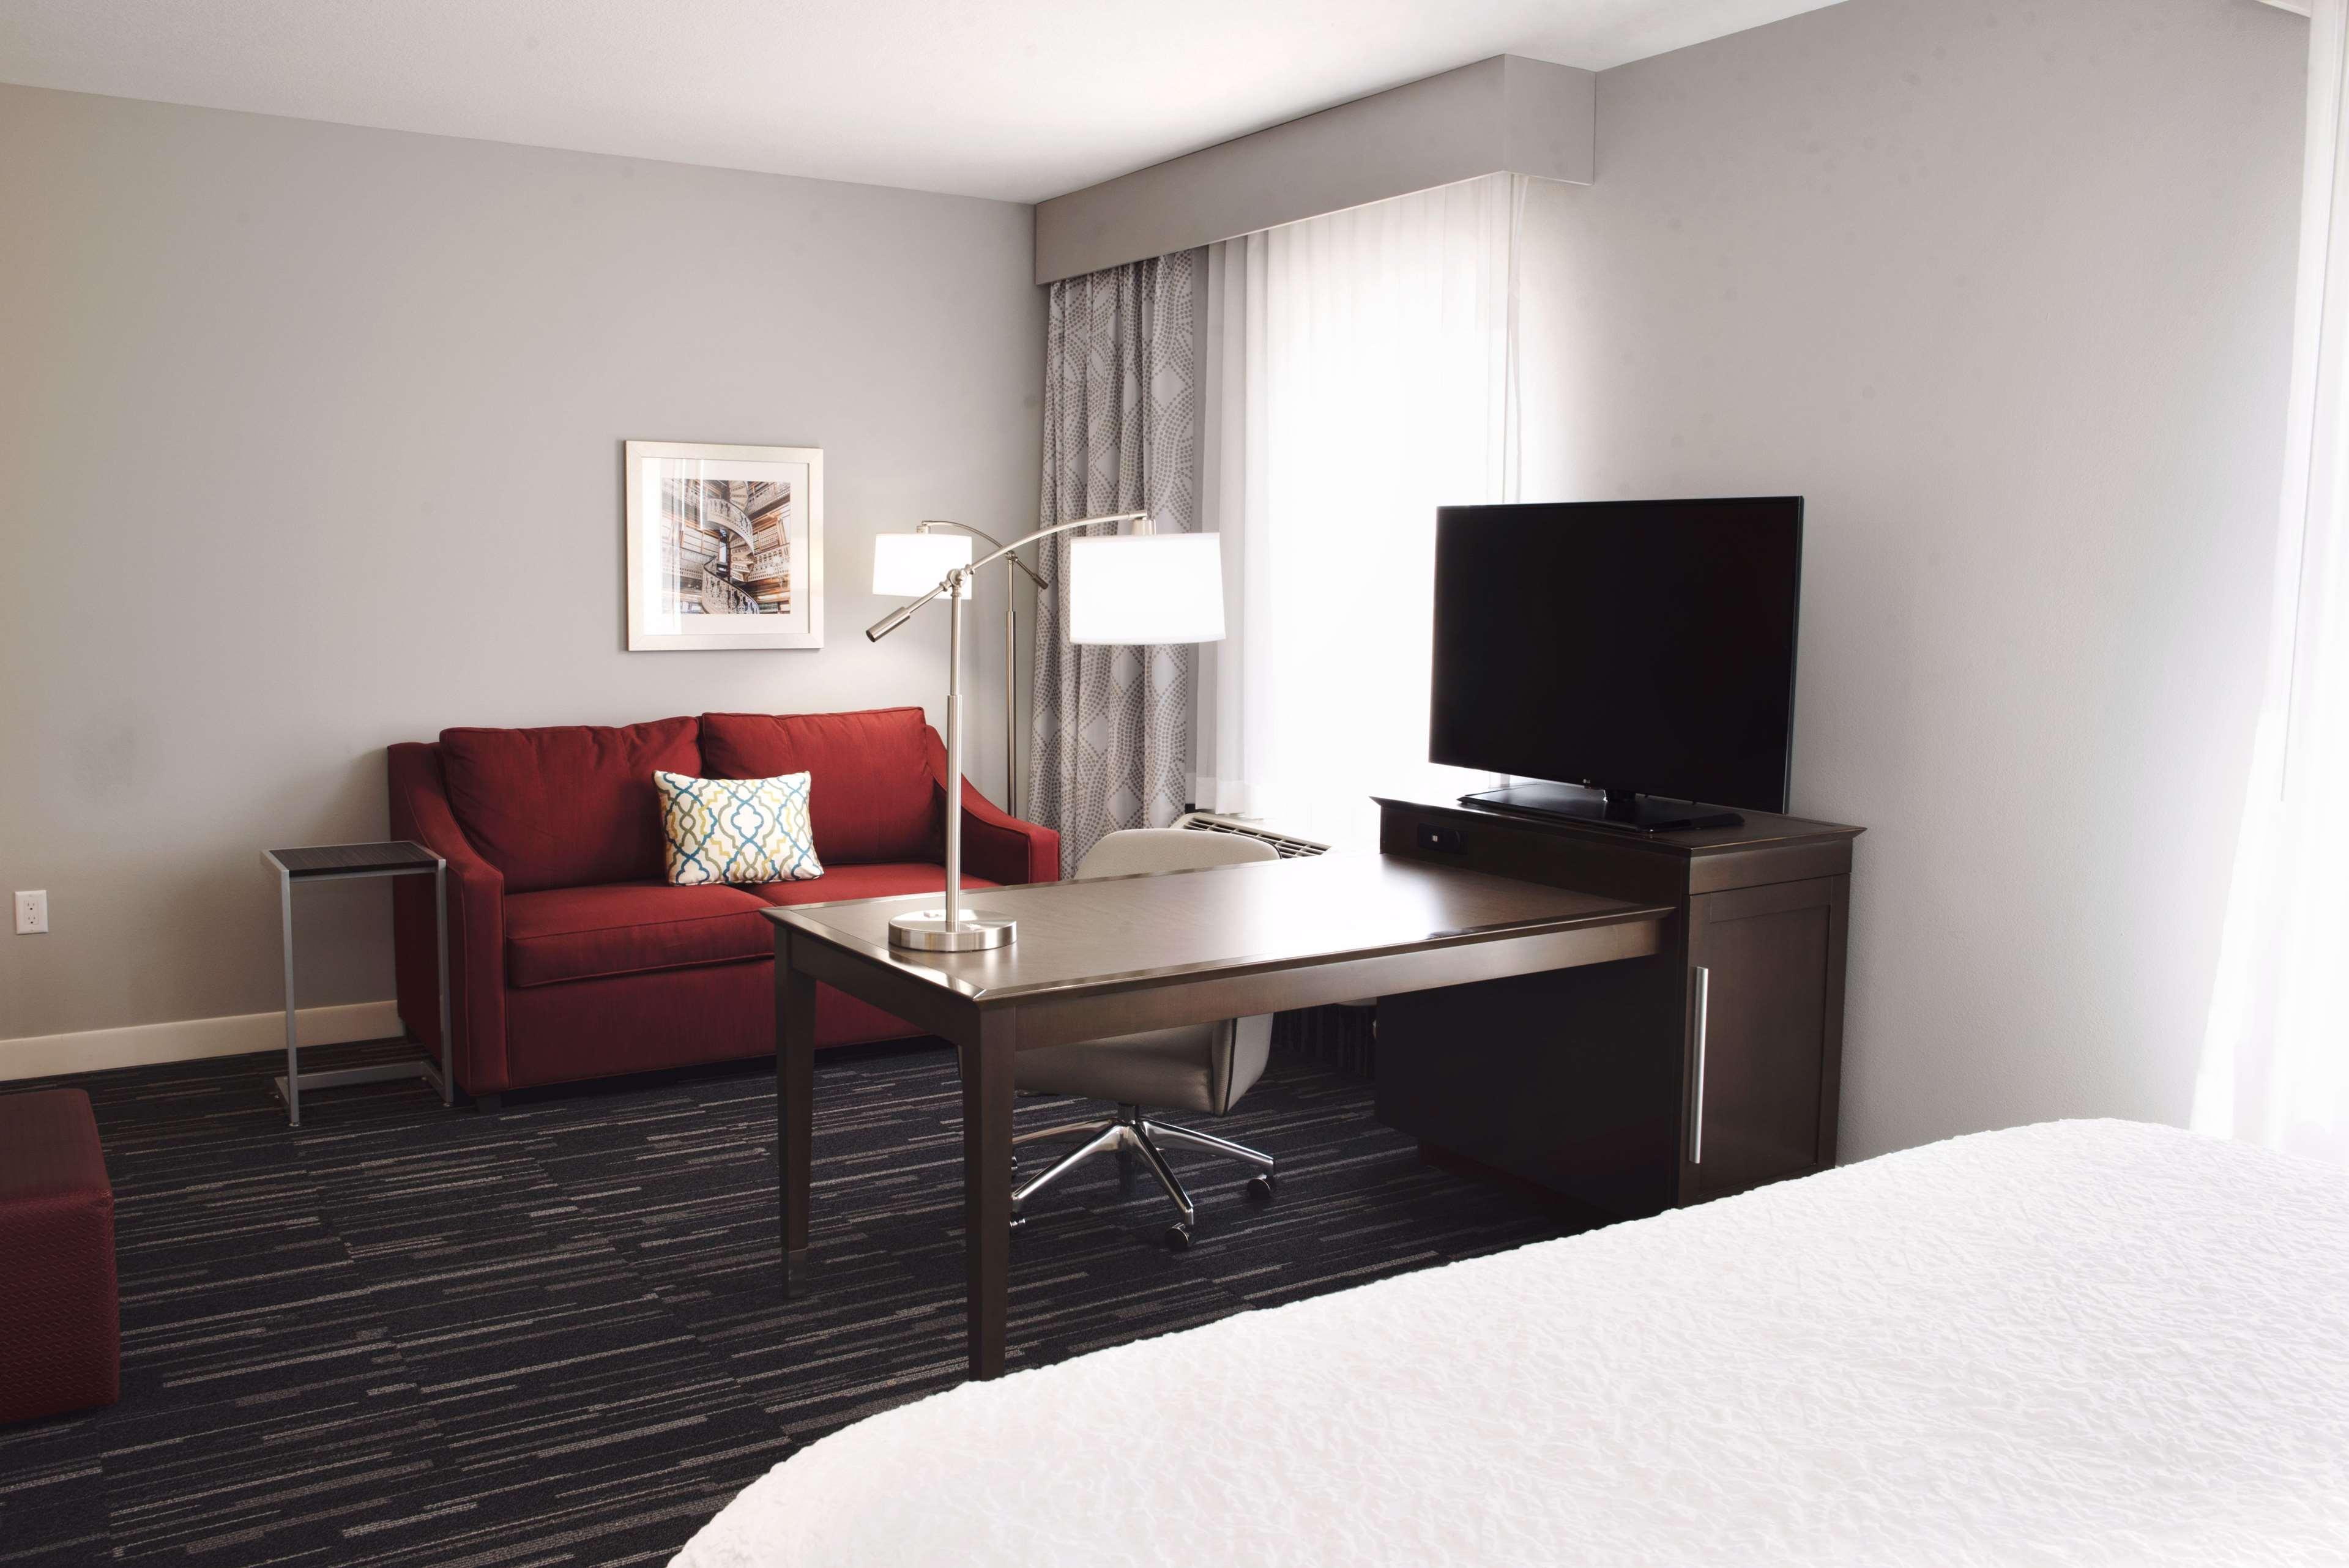 Hampton Inn & Suites Des Moines/Urbandale image 28